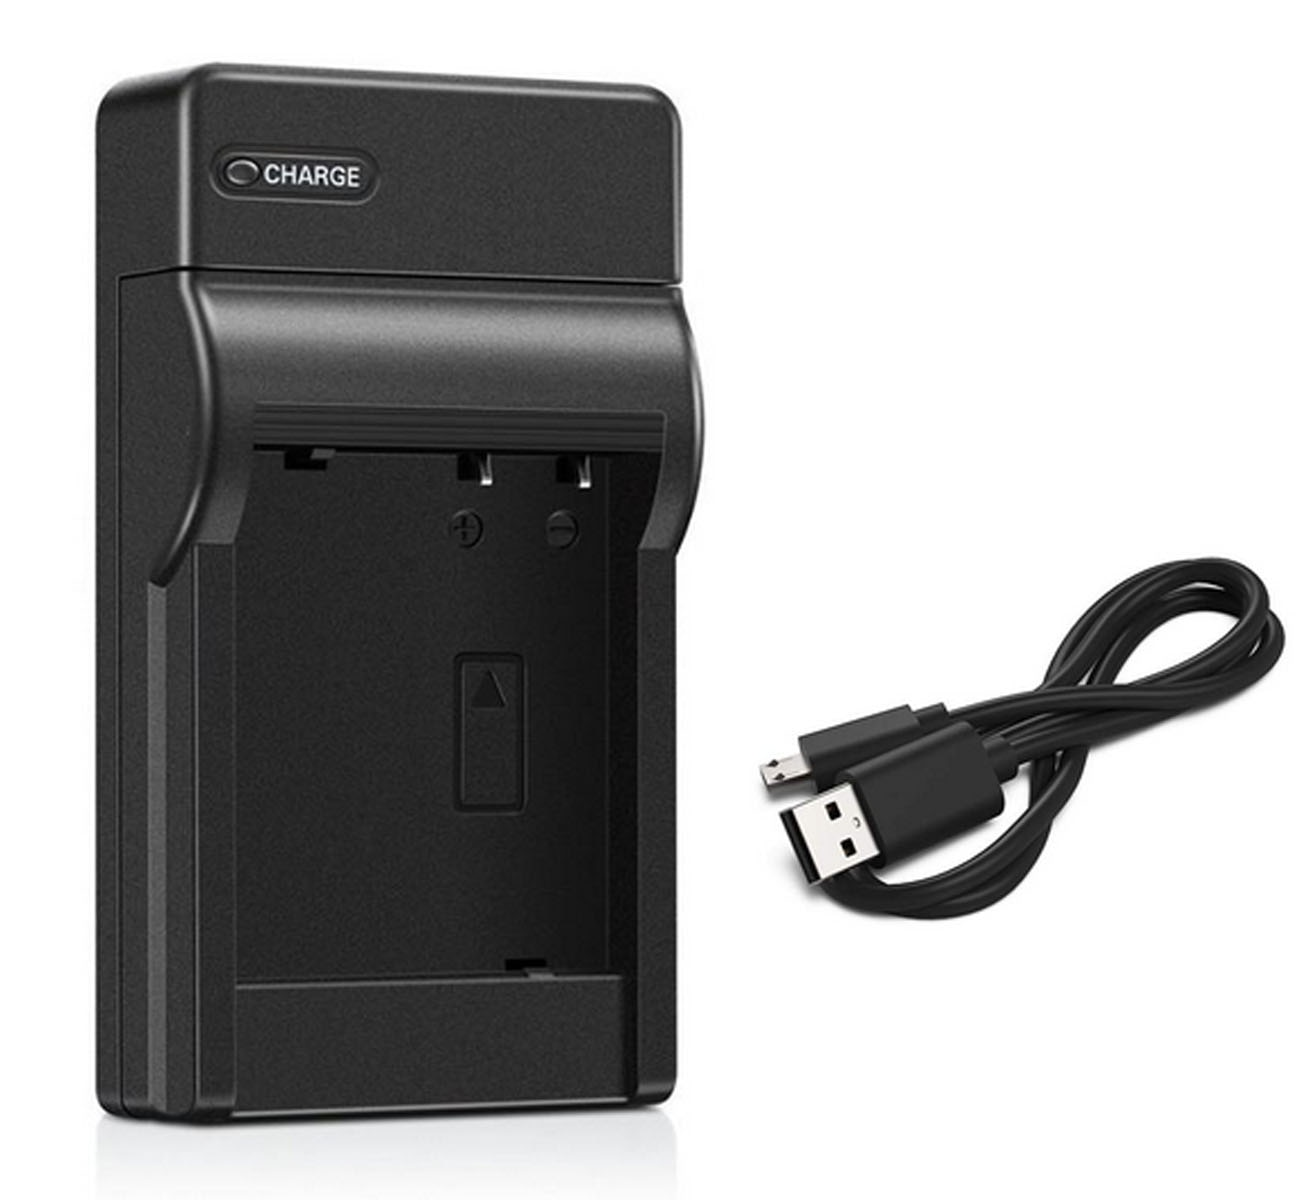 Battery Charger for Olympus FE-5000, FE-5010, FE-5020, FE-5030, FE-5050, FE-5500, FE5020, FE5030, FE